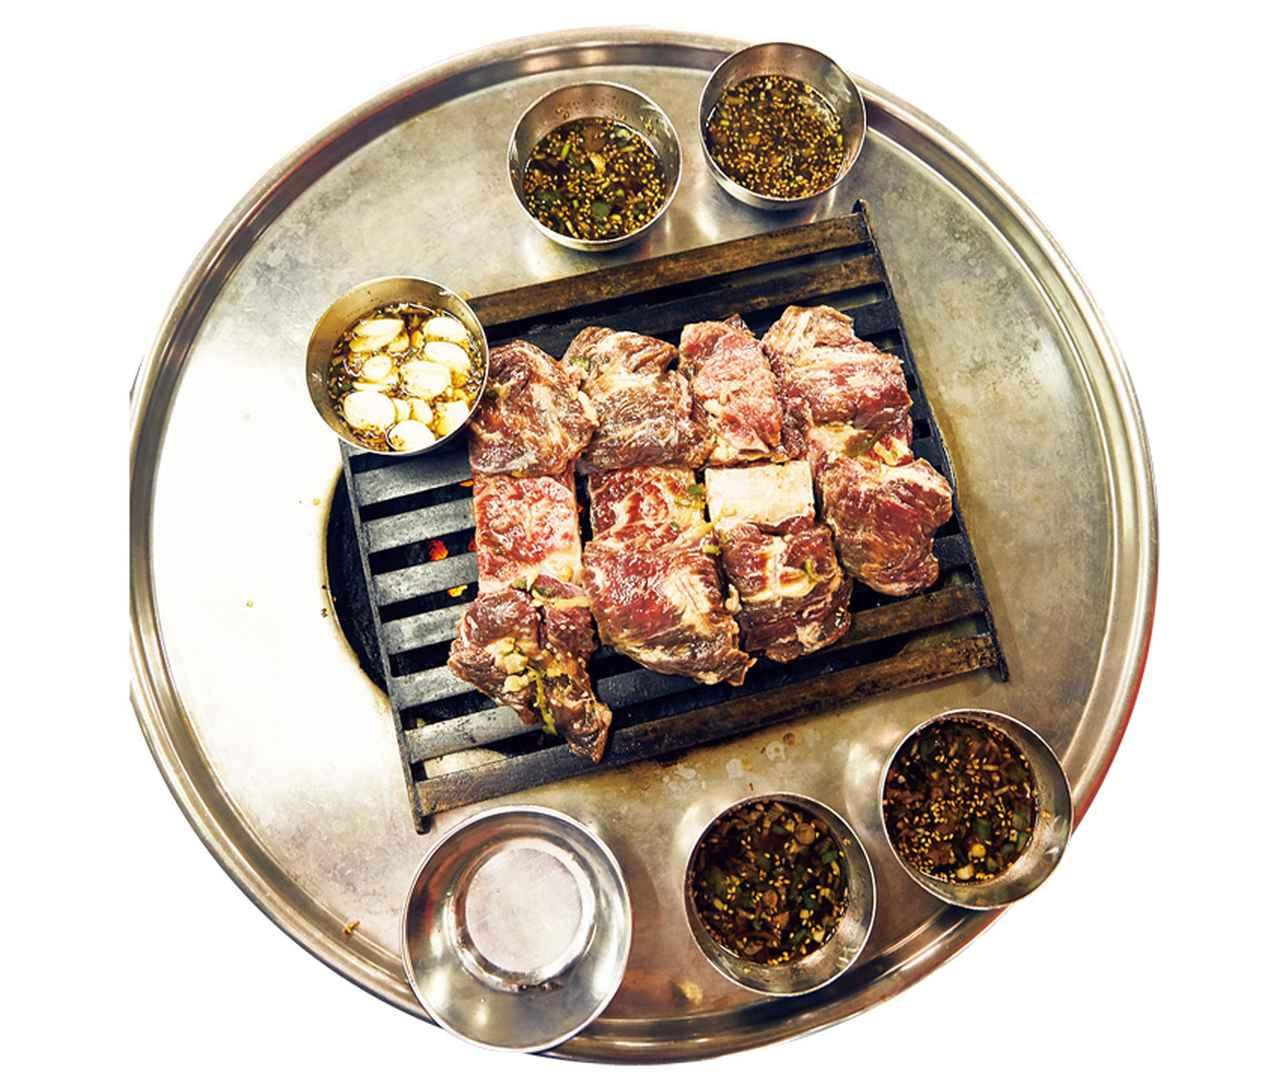 韓国ツウに聞く「ソウルに行ったらはずせない、お肉レストランの名店」3選 [FRaU]